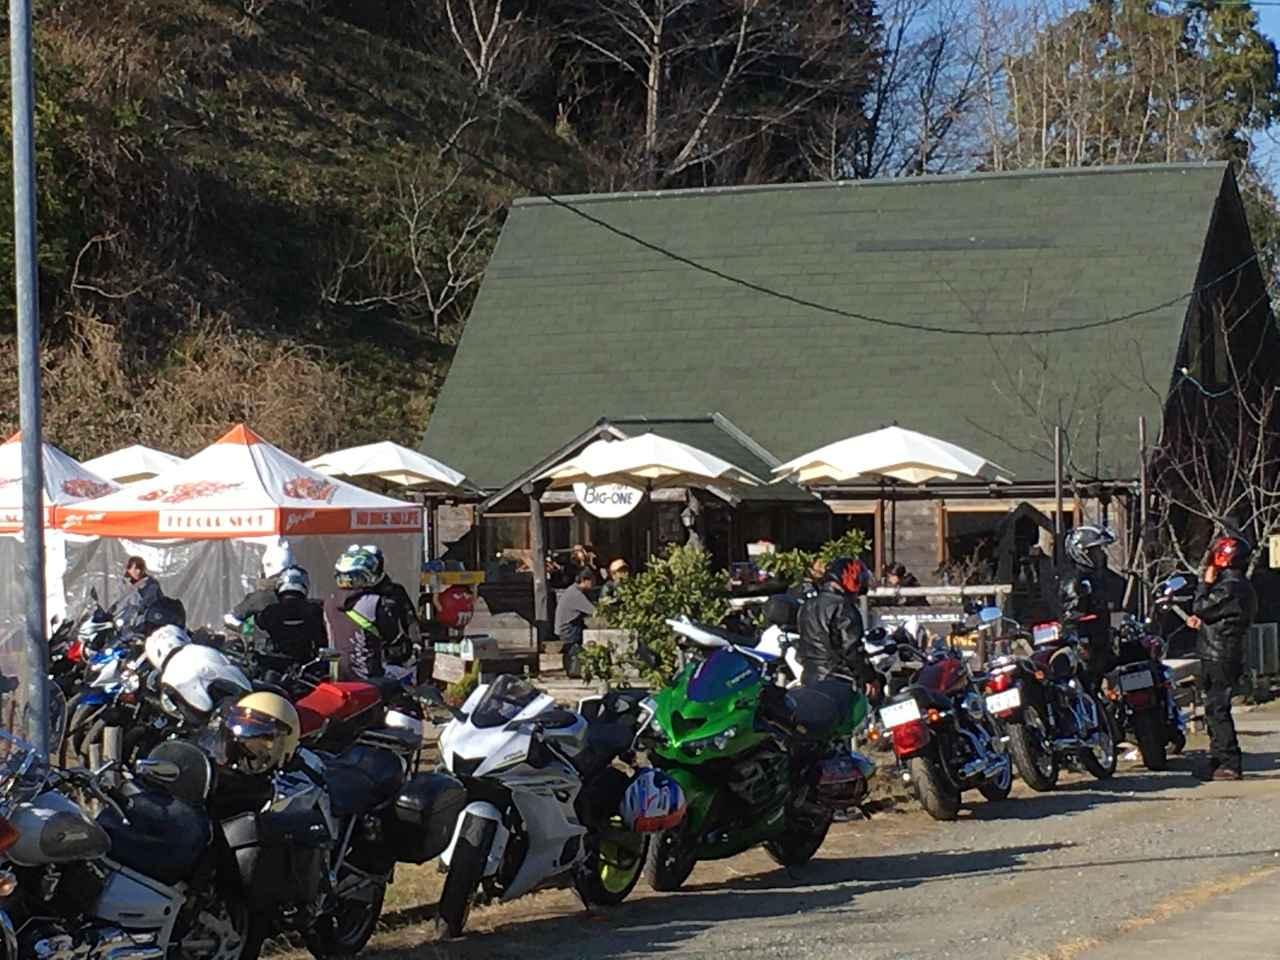 画像: 千葉は夷隅郡・大多喜のライダースカフェ こーやって新年からお客さんたーくさんでした